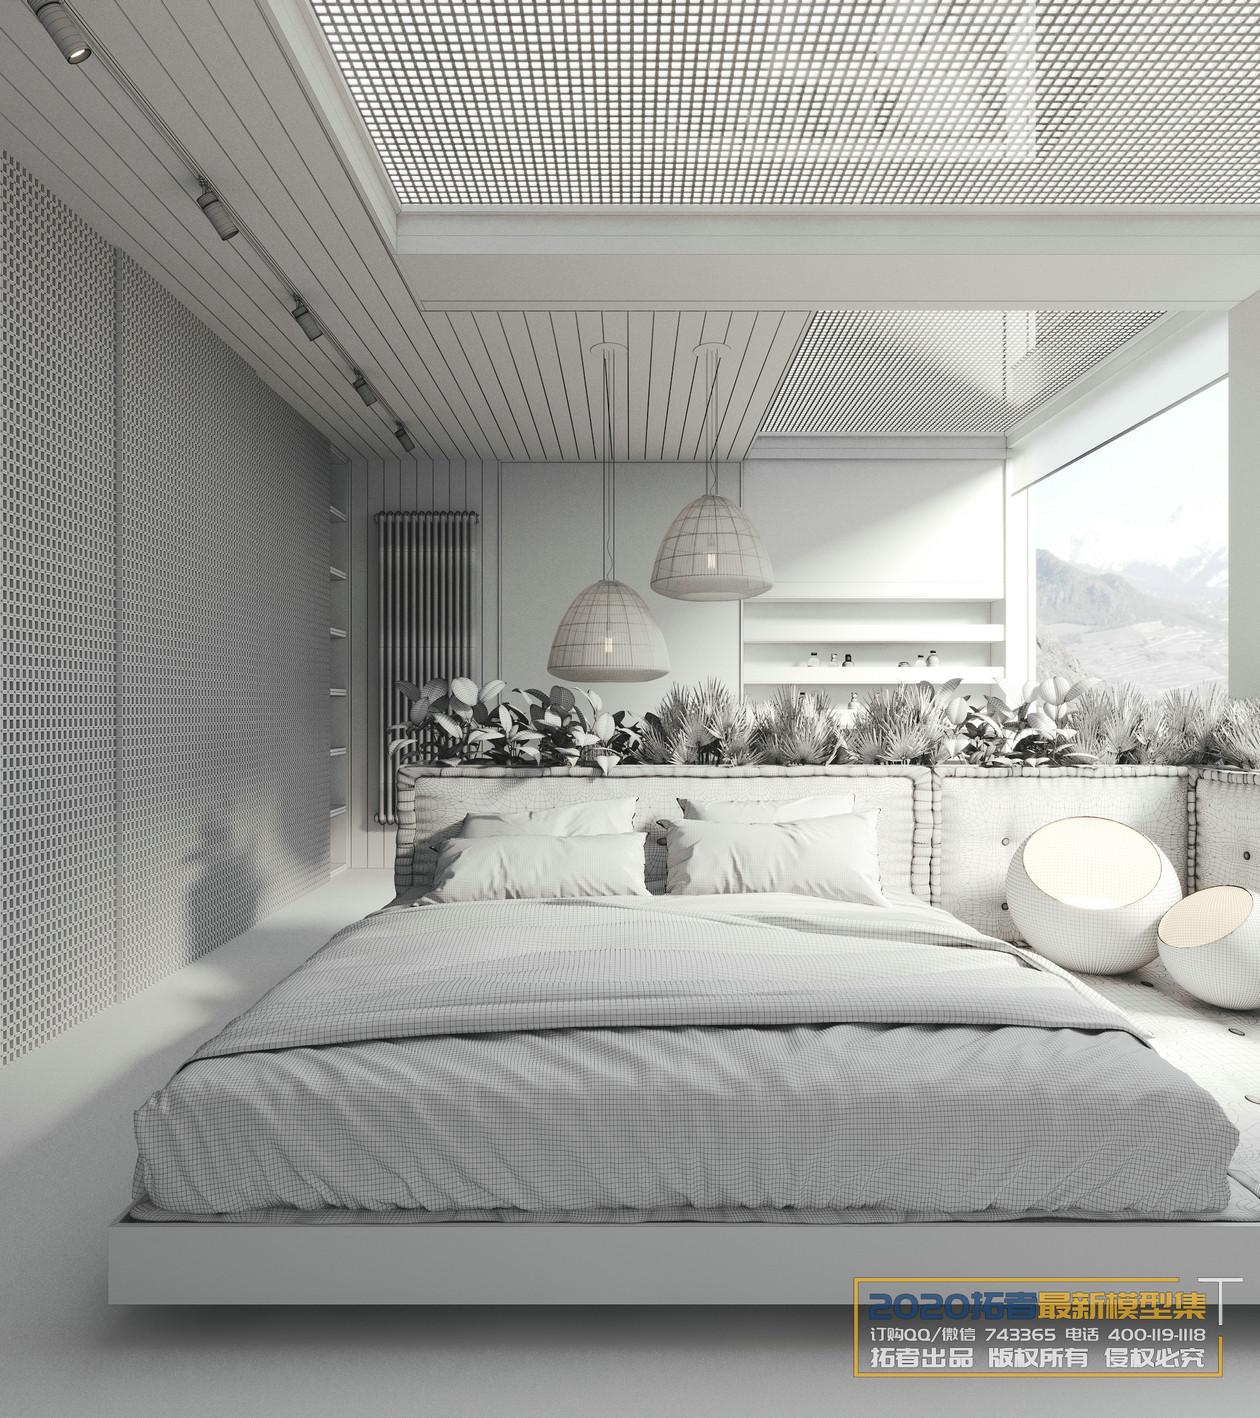 家装设计模型1000套模型,家装600套,工装400套,CR渲染教程,CR模型集